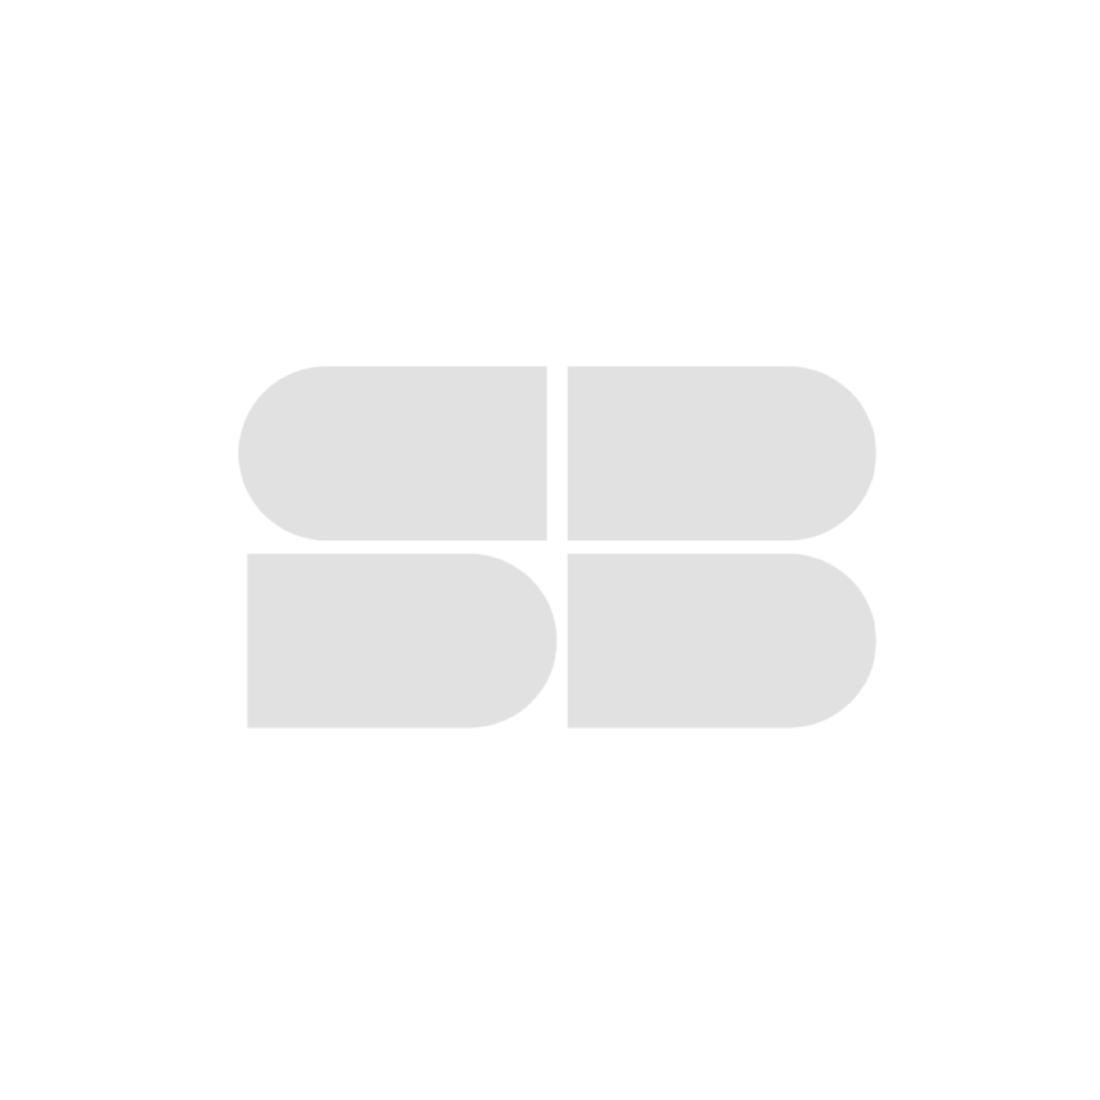 ที่นอน Vono รุ่น Cozy Care ขนาด 3.5 ฟุต-03